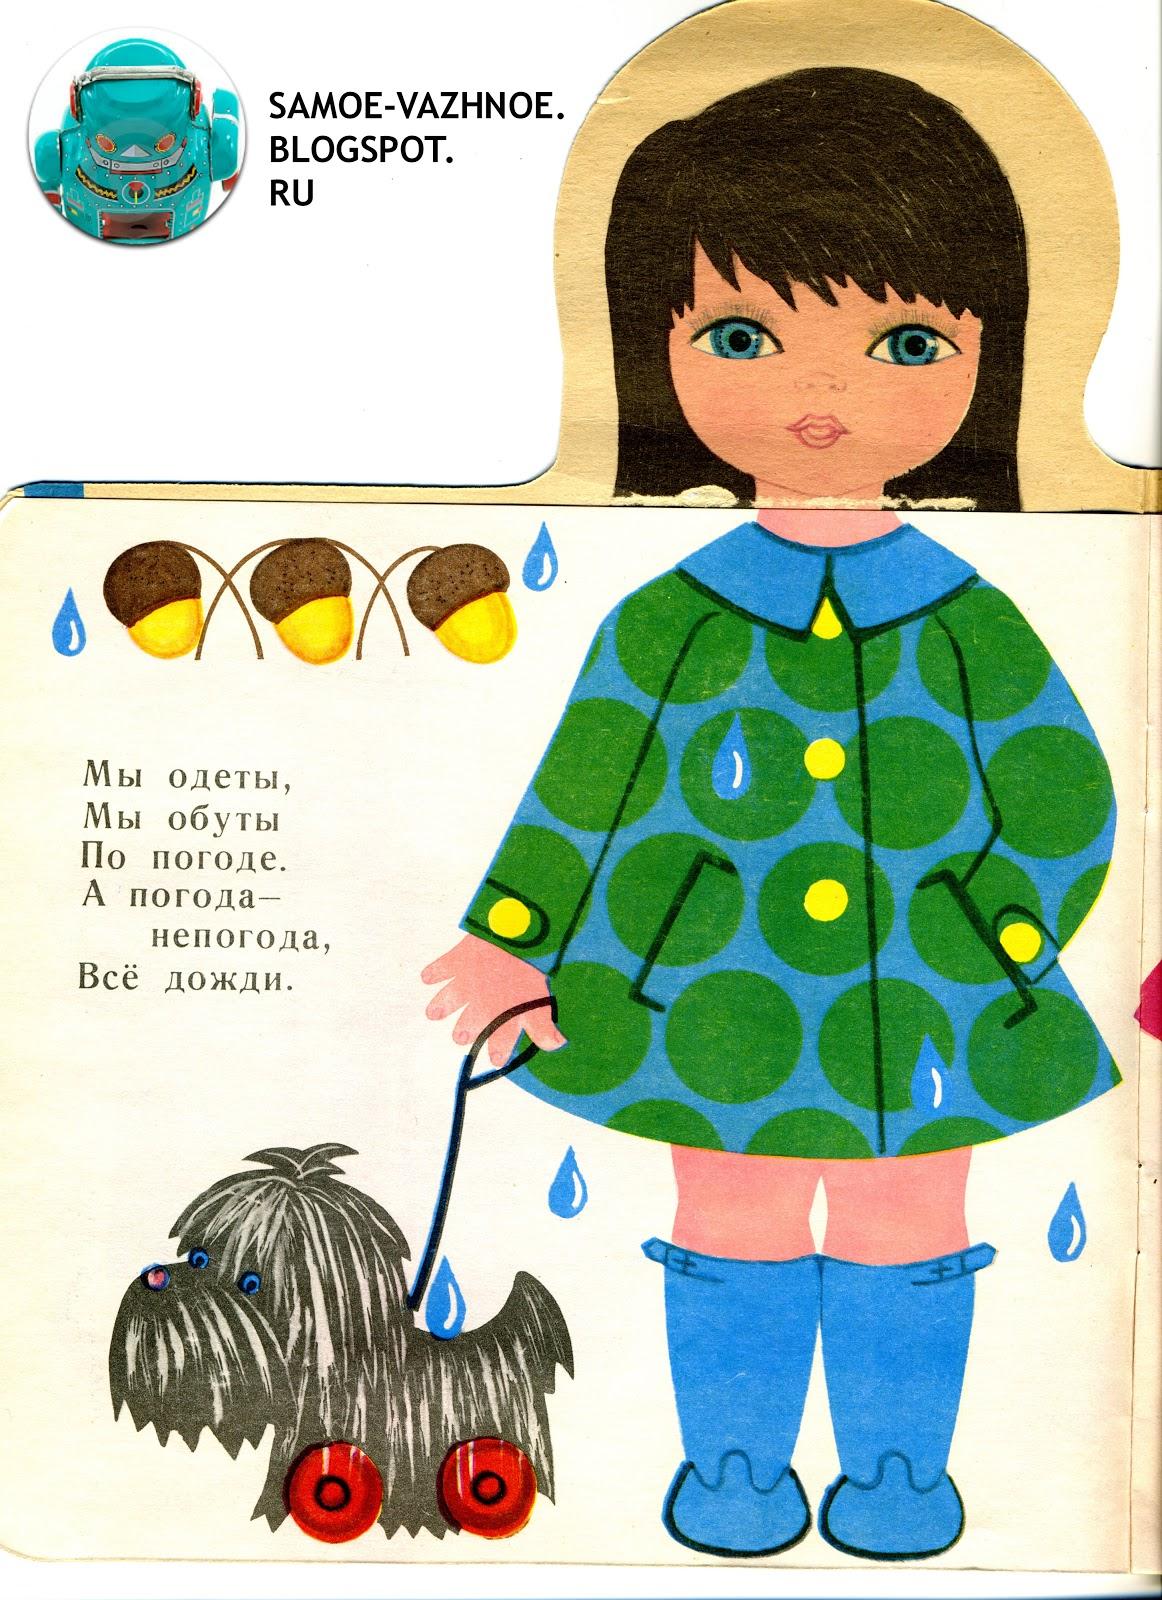 Мы одеты, мы обуты по погоде А погода-непогода, всё дожди. Нету солнышка в окошке, Надевай и ты сапожки, И гулять иди - солнышка не жди.